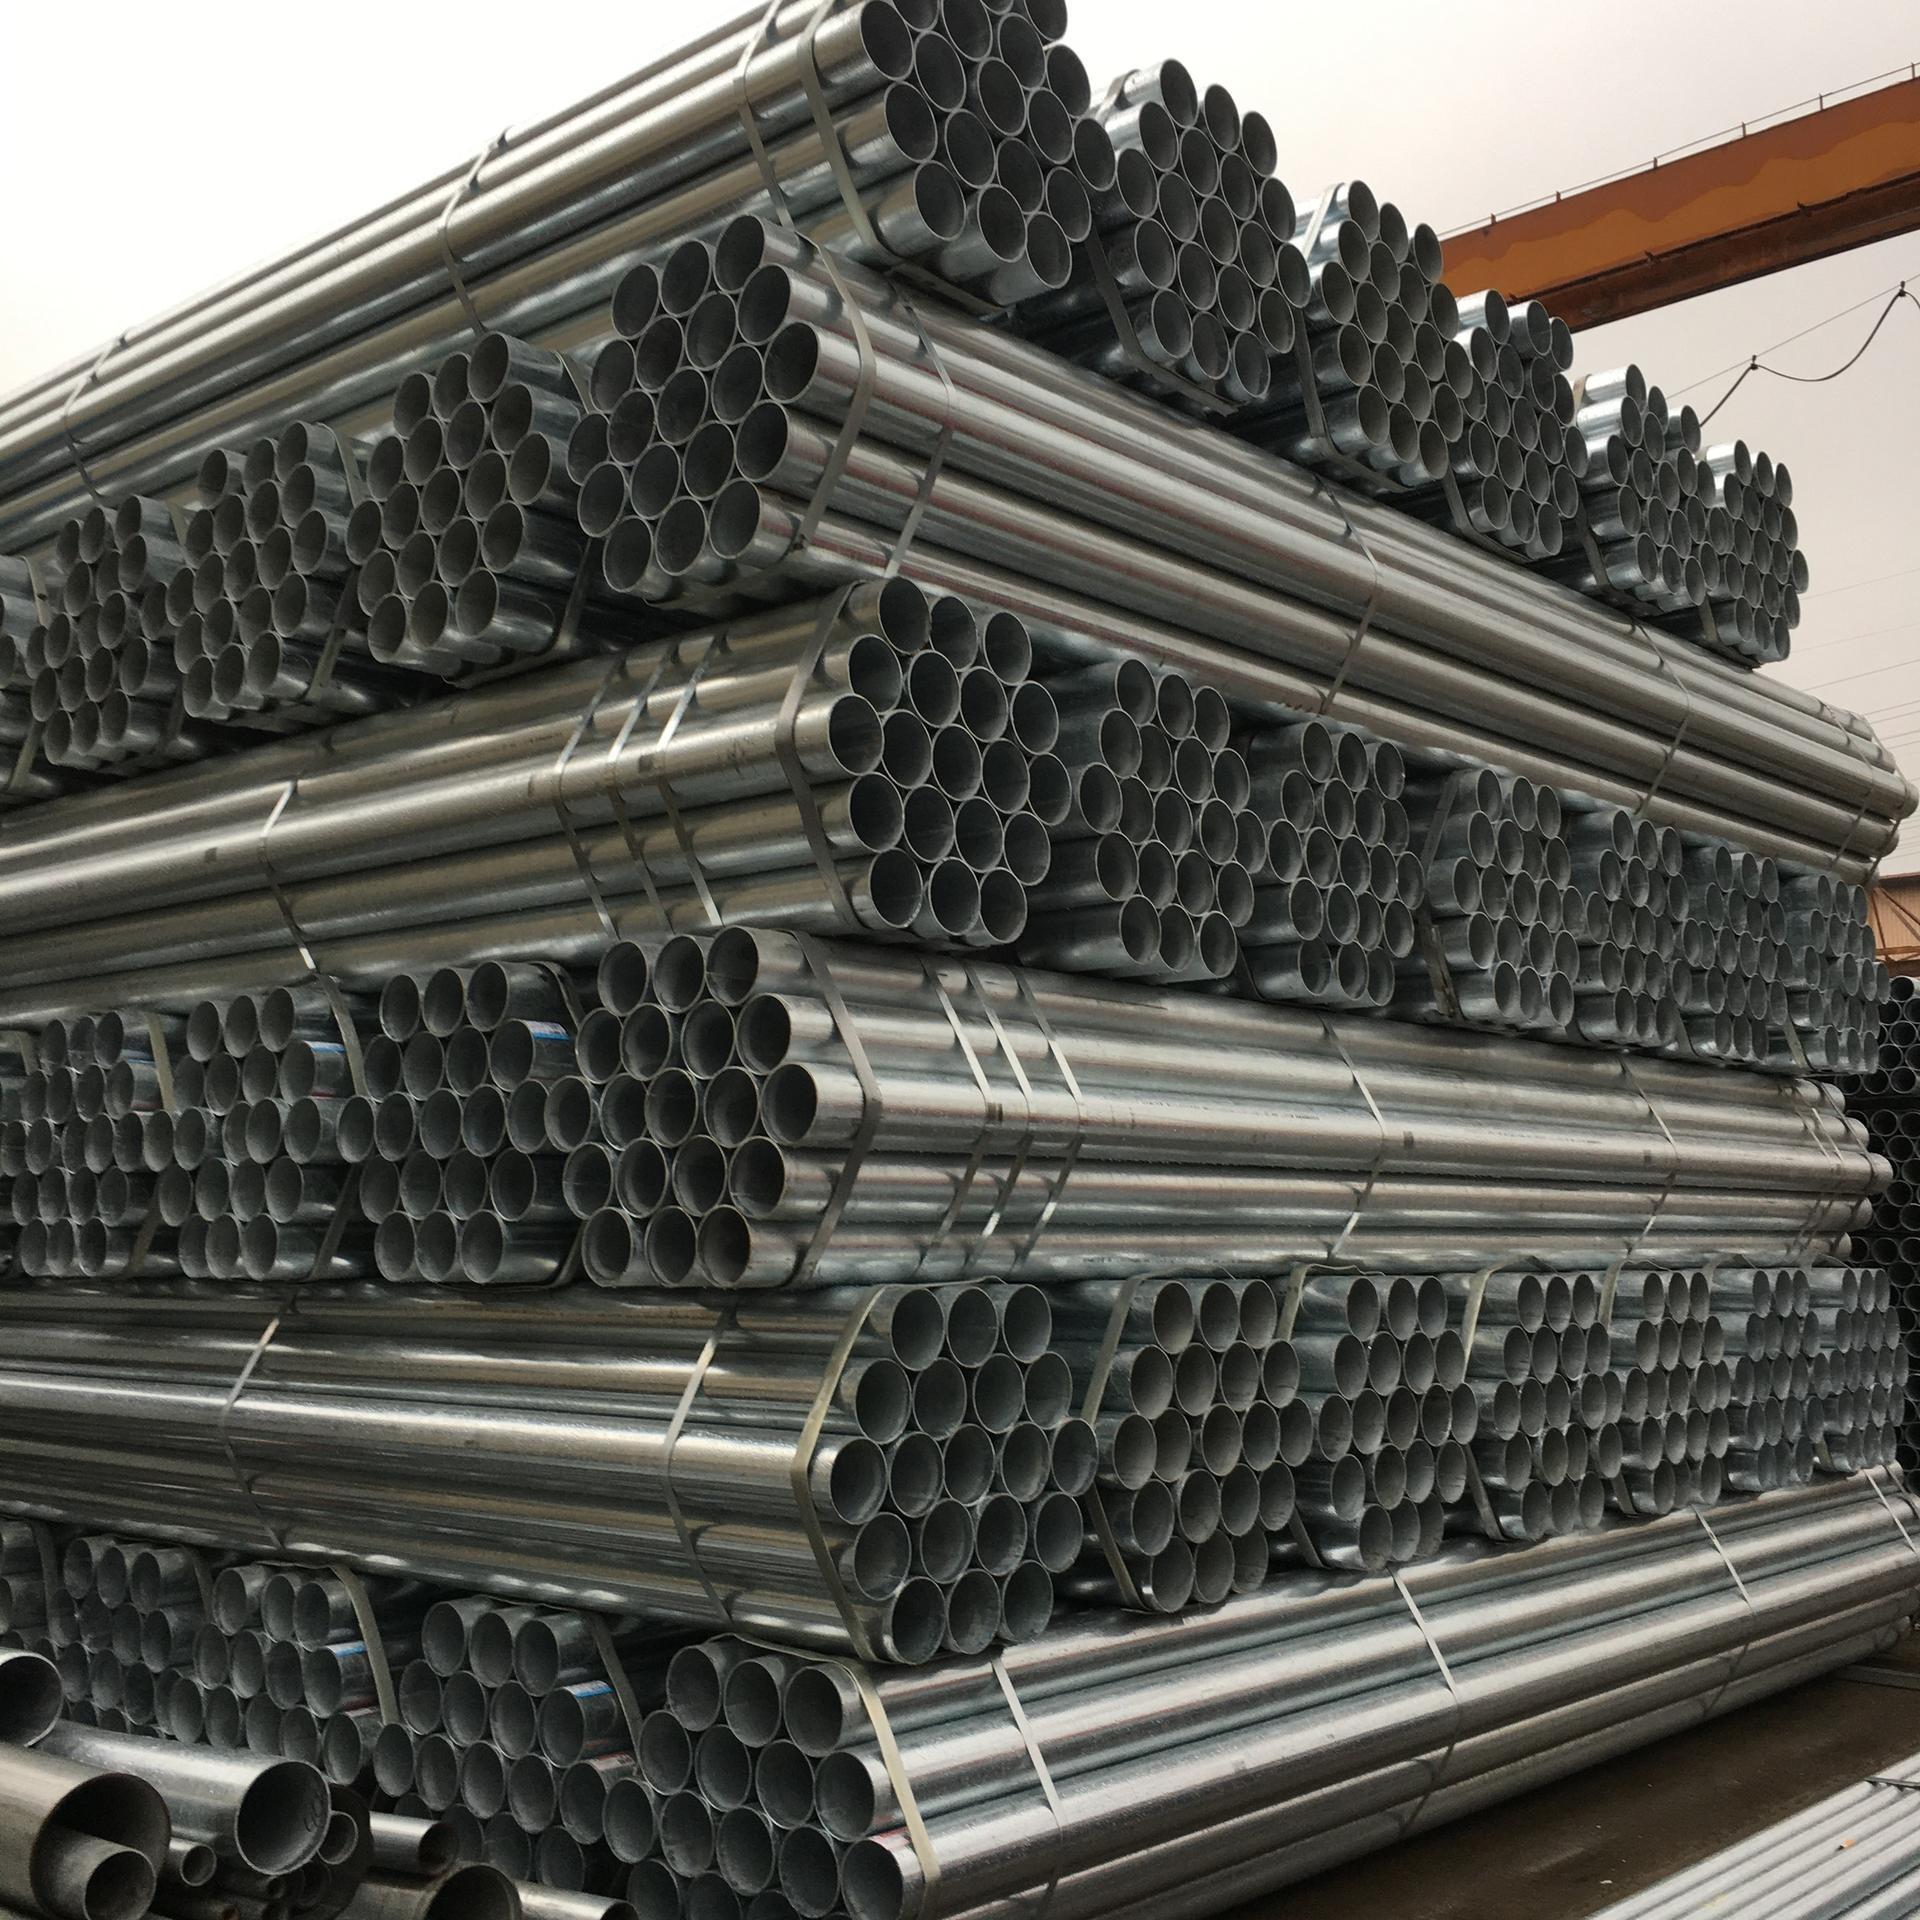 大棚管  鍍鋅鋼管 dn32外徑42.3華岐牌 鍍鋅管 現貨批發